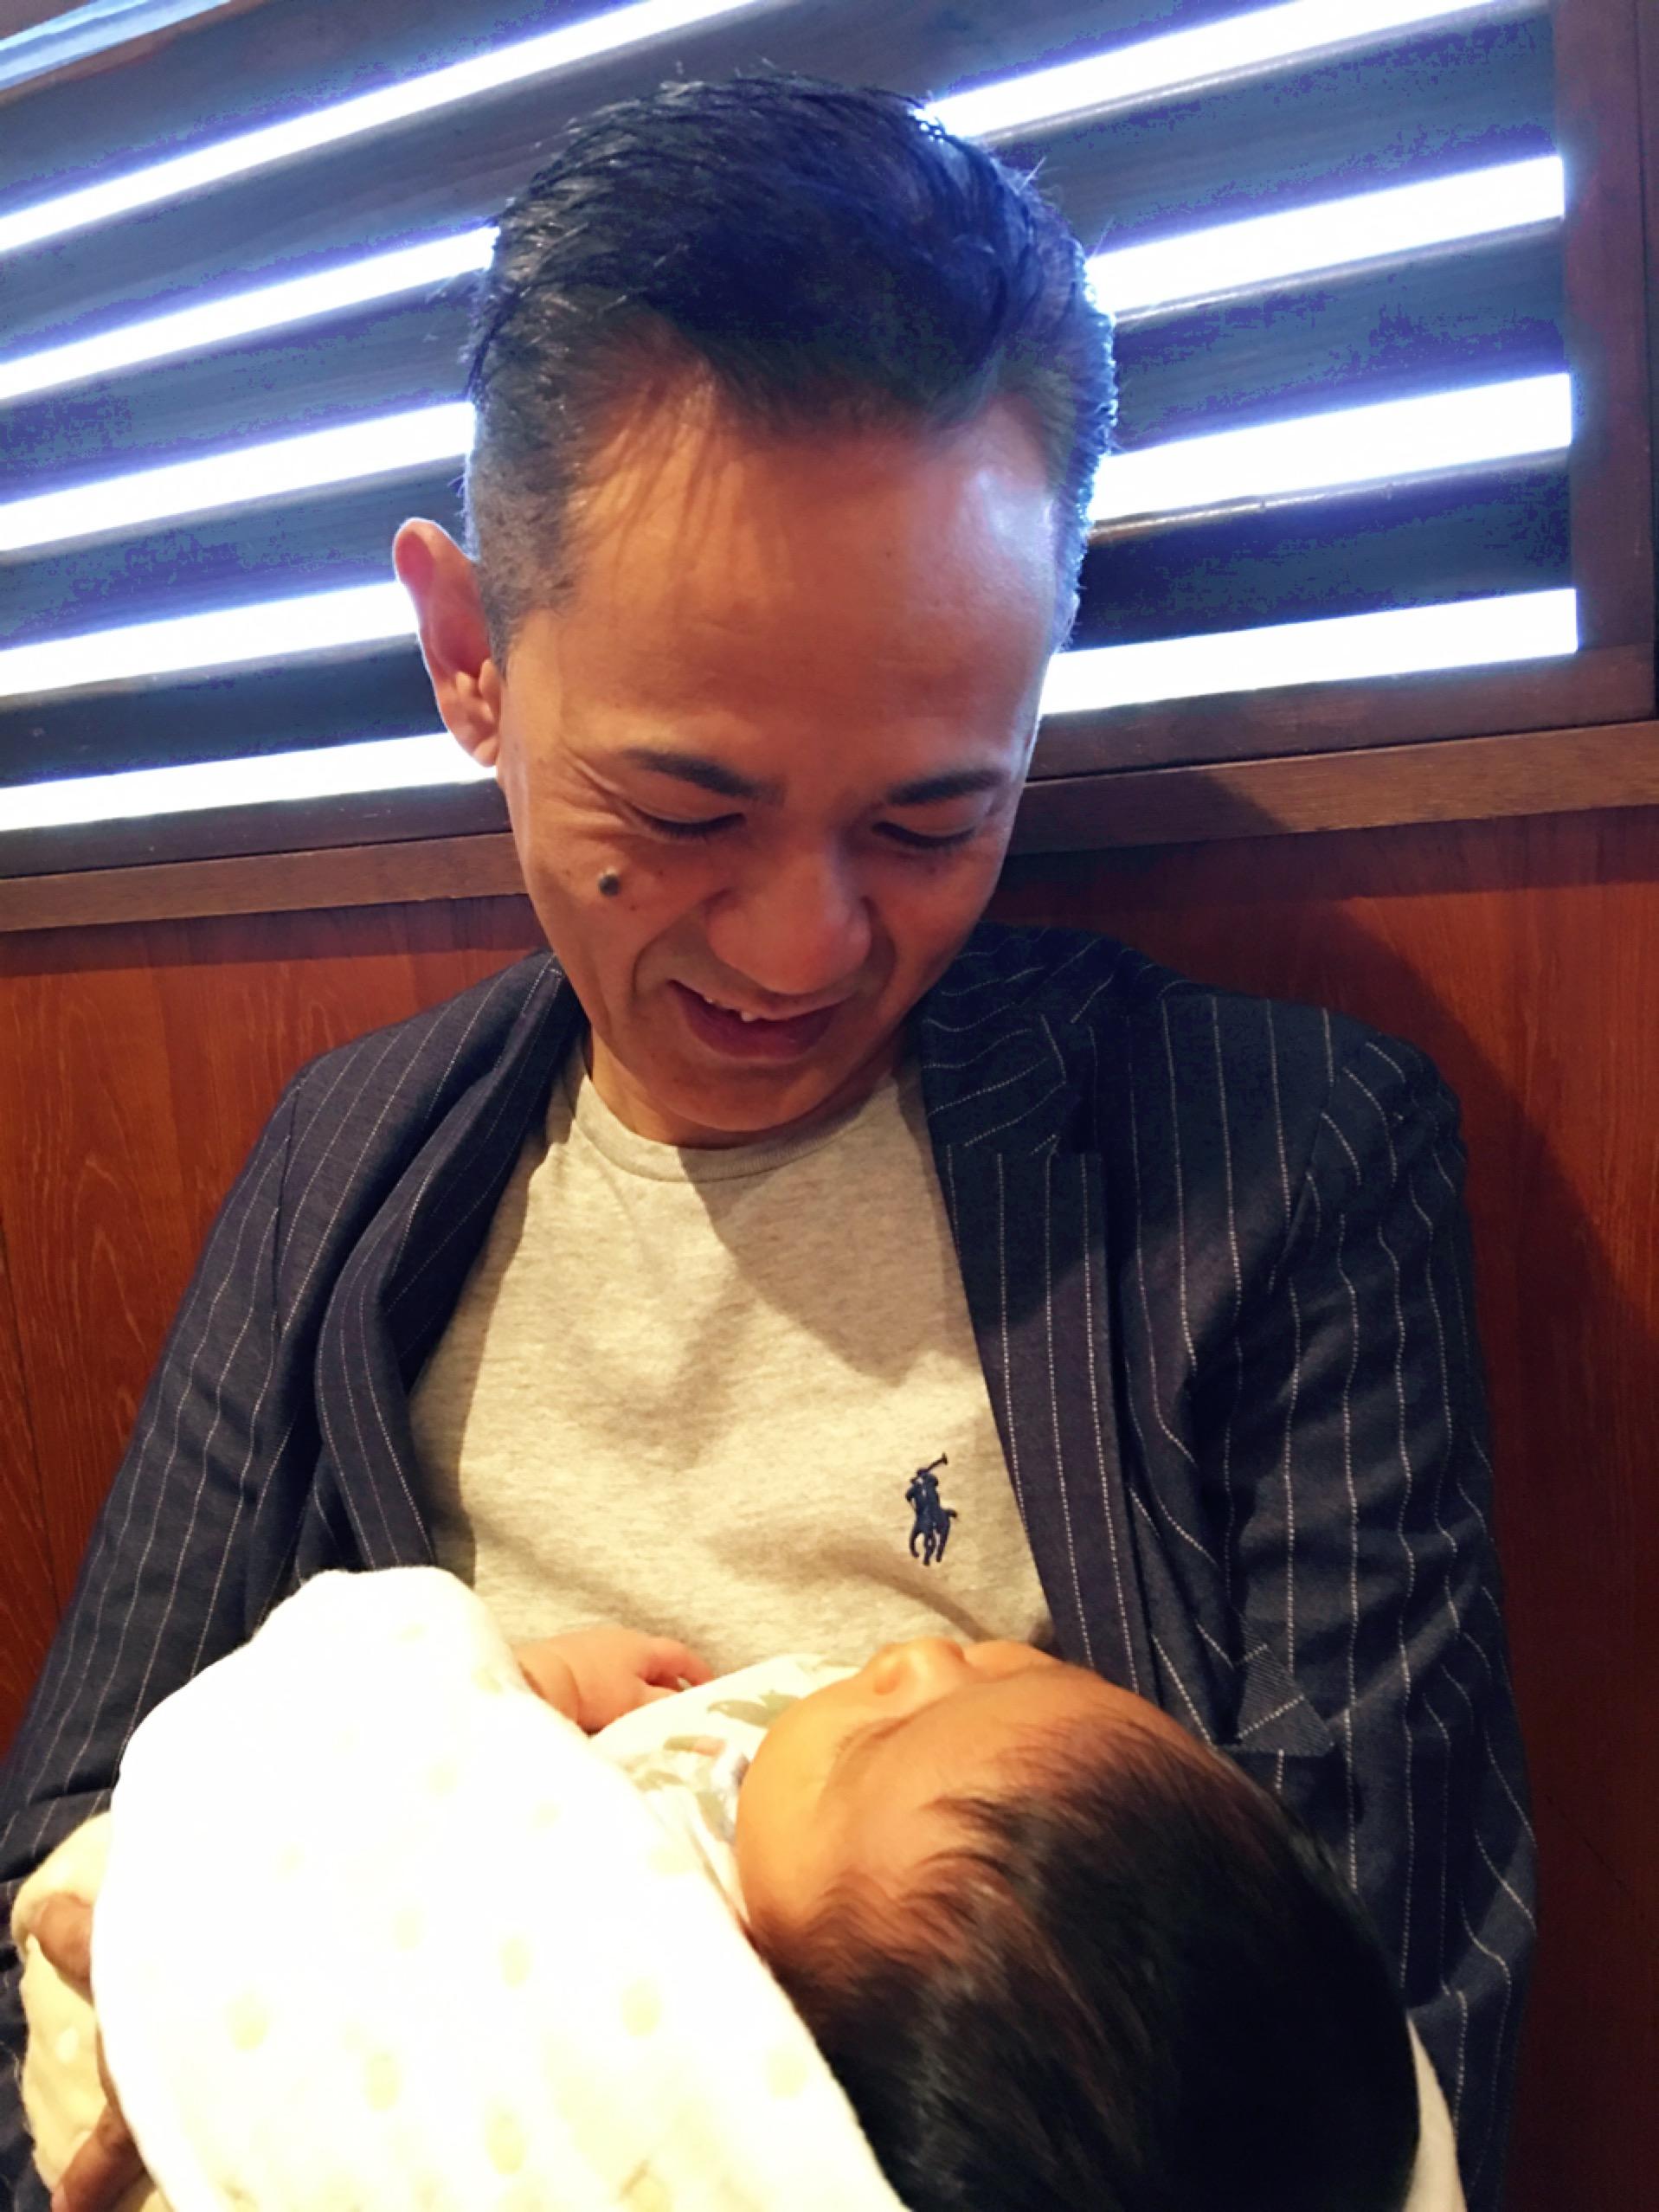 赤ちゃんってずっと見てても飽きないよね〜?って。 デレデレの先生?